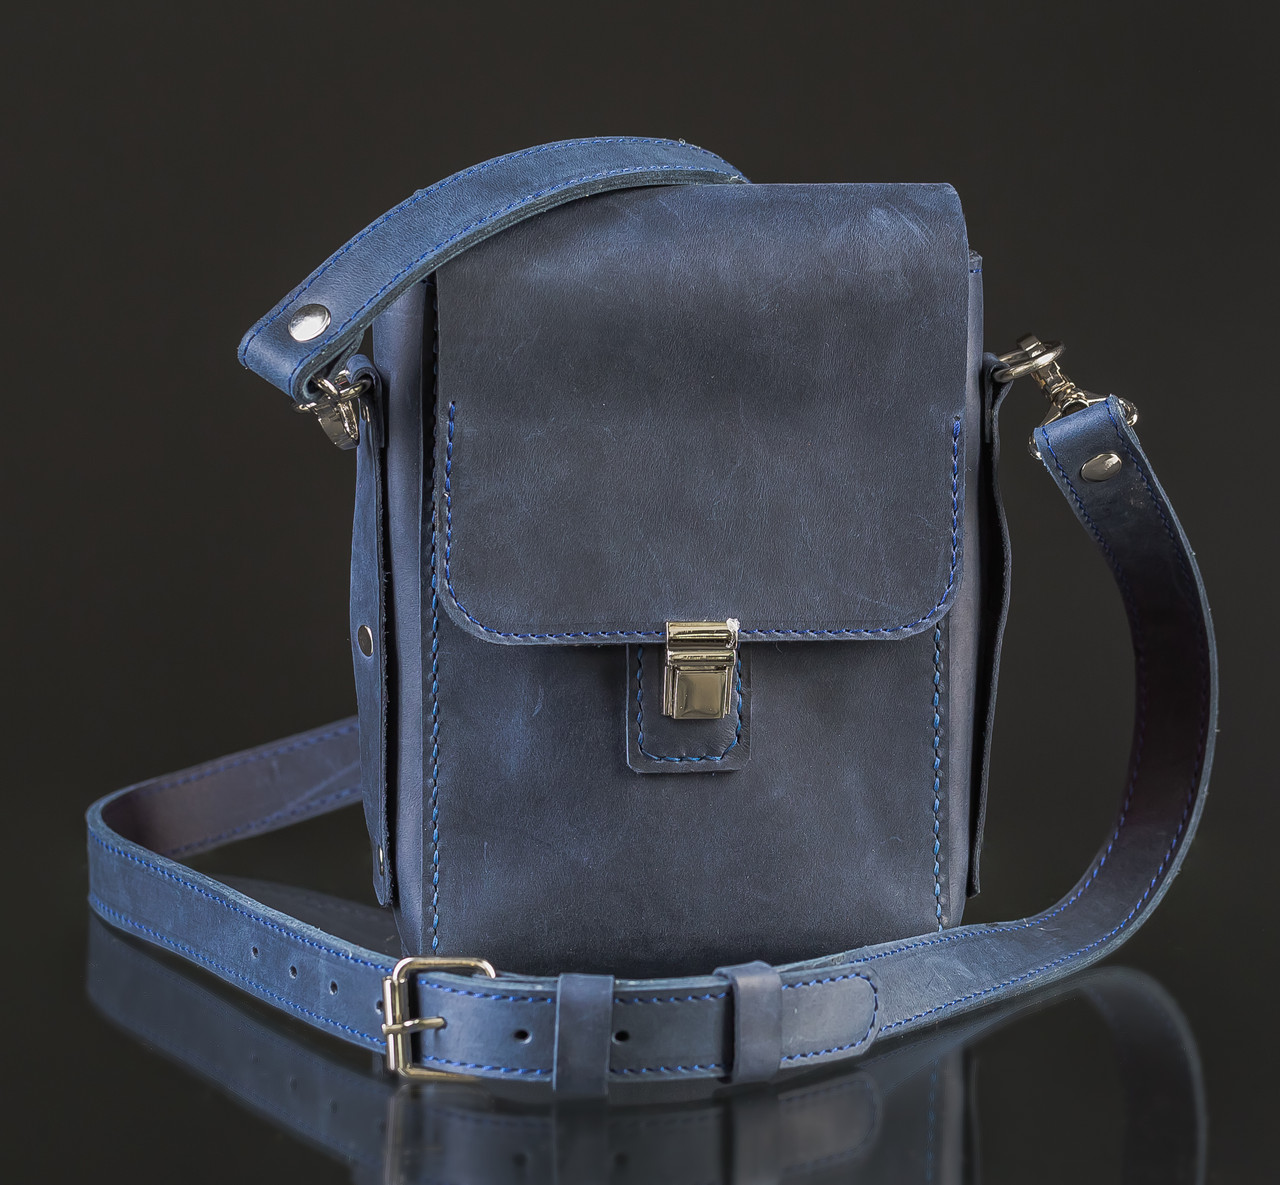 e8667560796b Кожаная мужская сумка Praktik   Винтажный Синий - Sollomia - интернет-магазин  кожаных изделий ручной